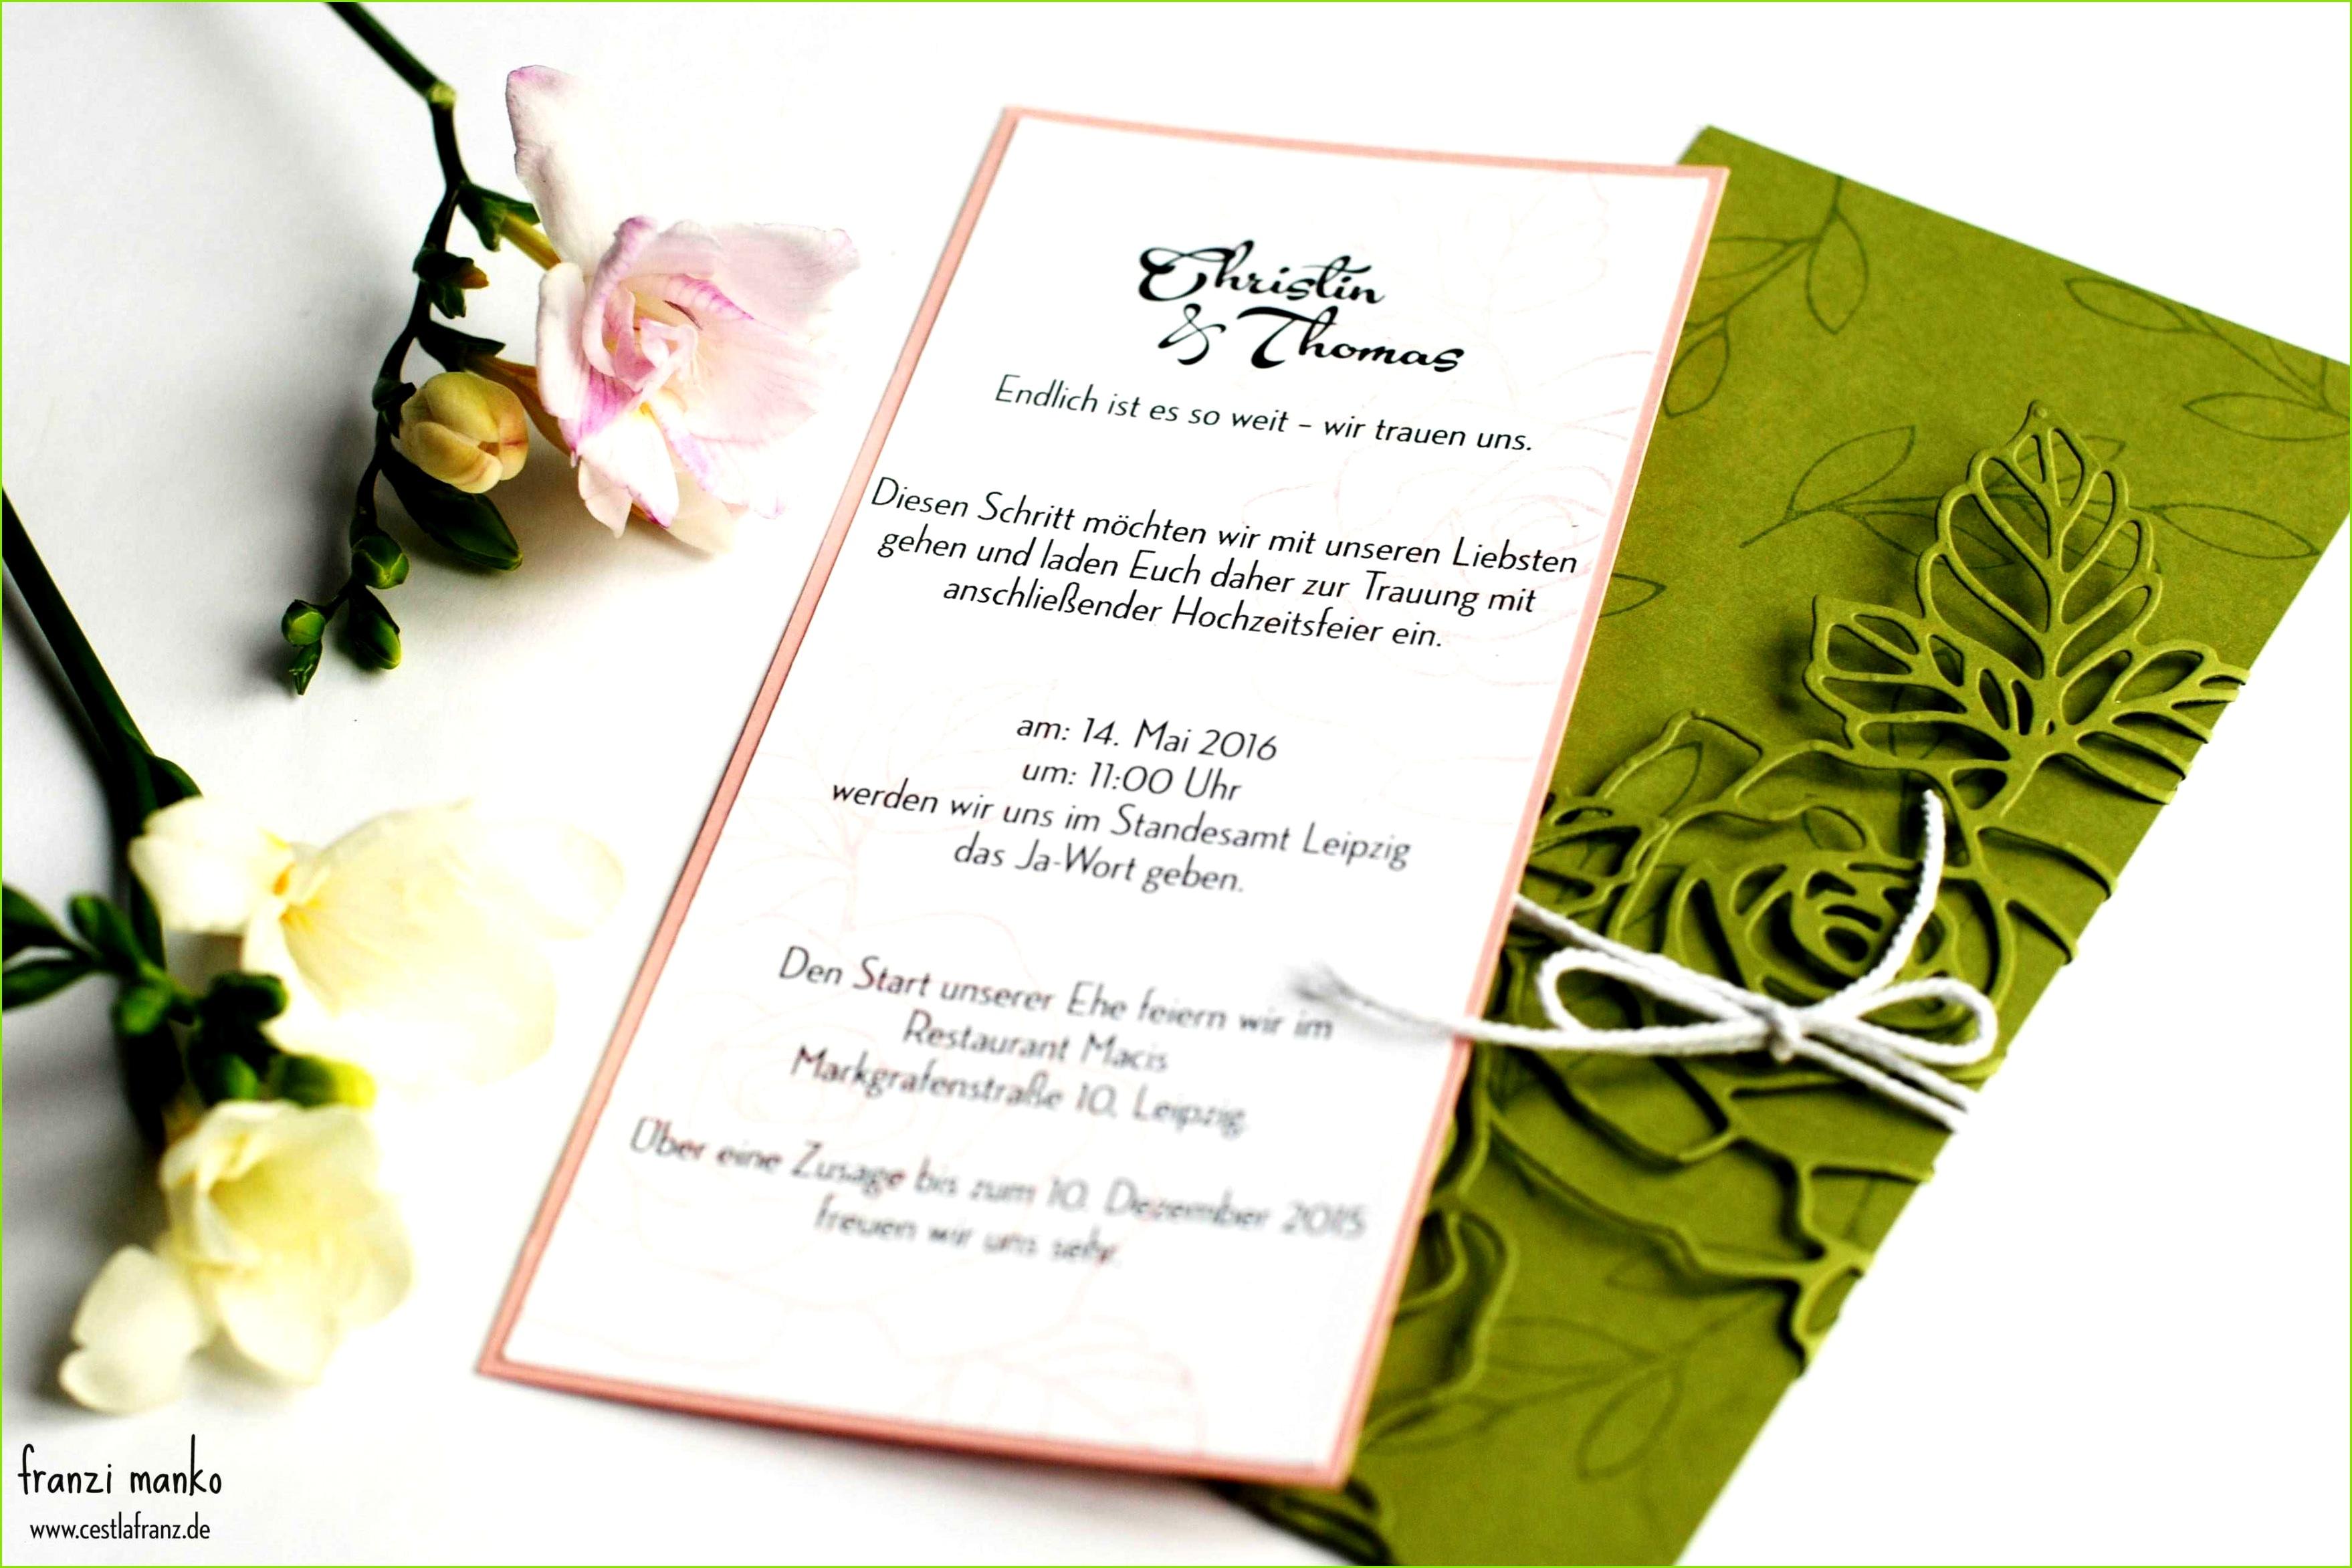 Karte Gestalten Elegant Danksagungskarten Gestalten 0d Archives Luxus Zitate Ehe Lustig – Menükarten Hochzeit Vorlage